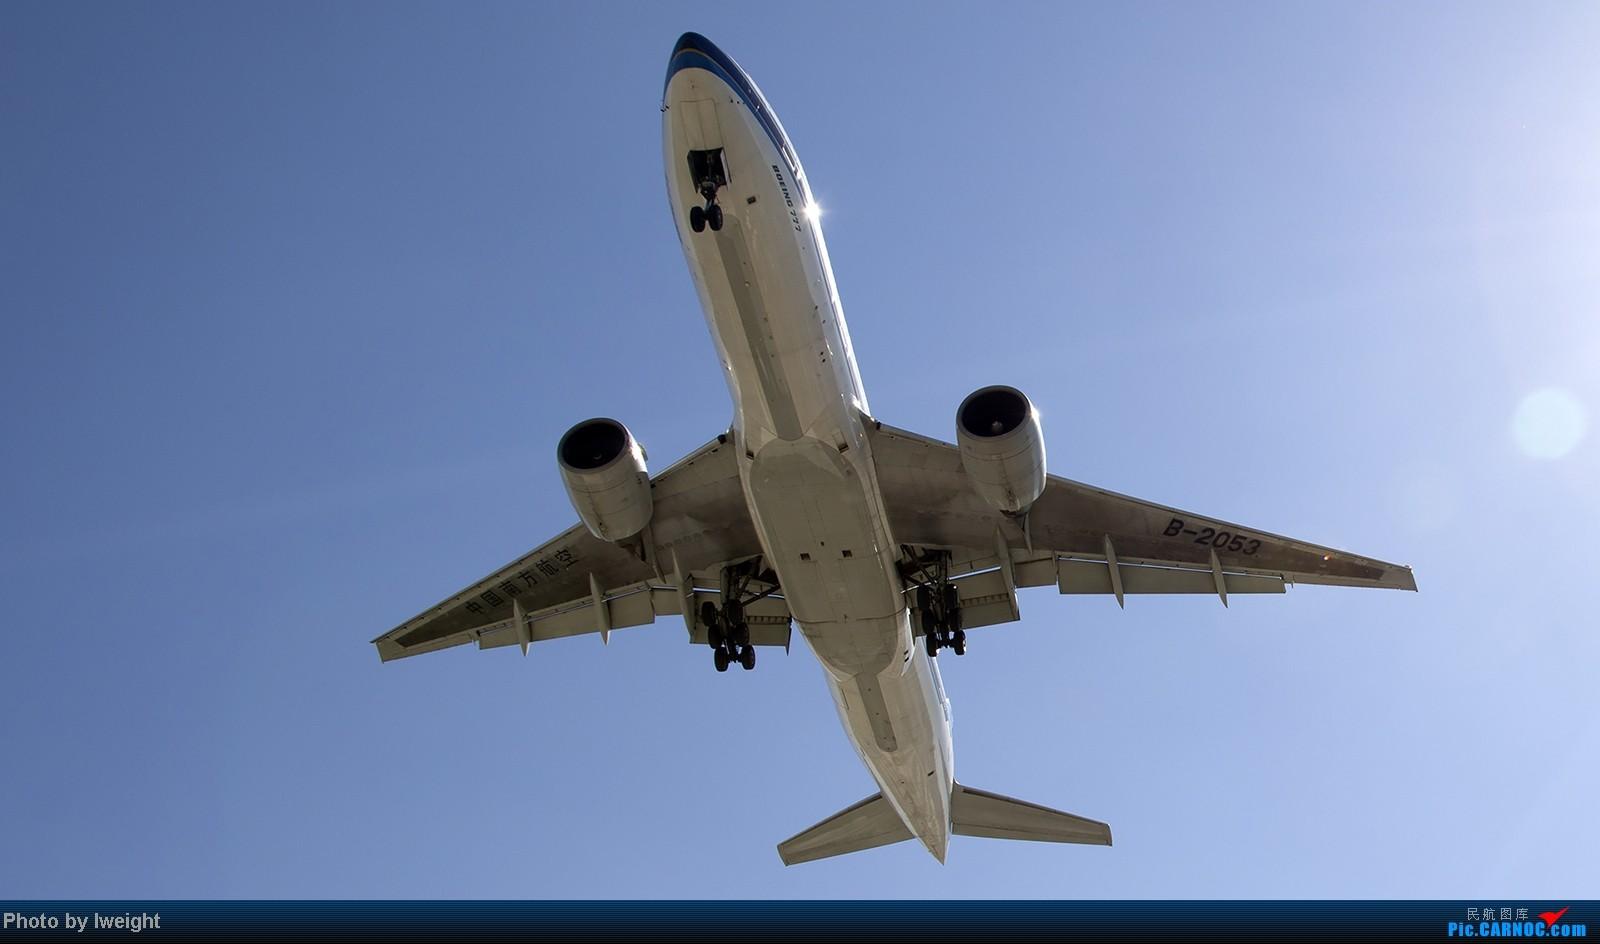 Re:[原创]难得赶上PEK周末好天气,各种常见机型都有收获 BOEING 777-200 B-2053 中国北京首都机场